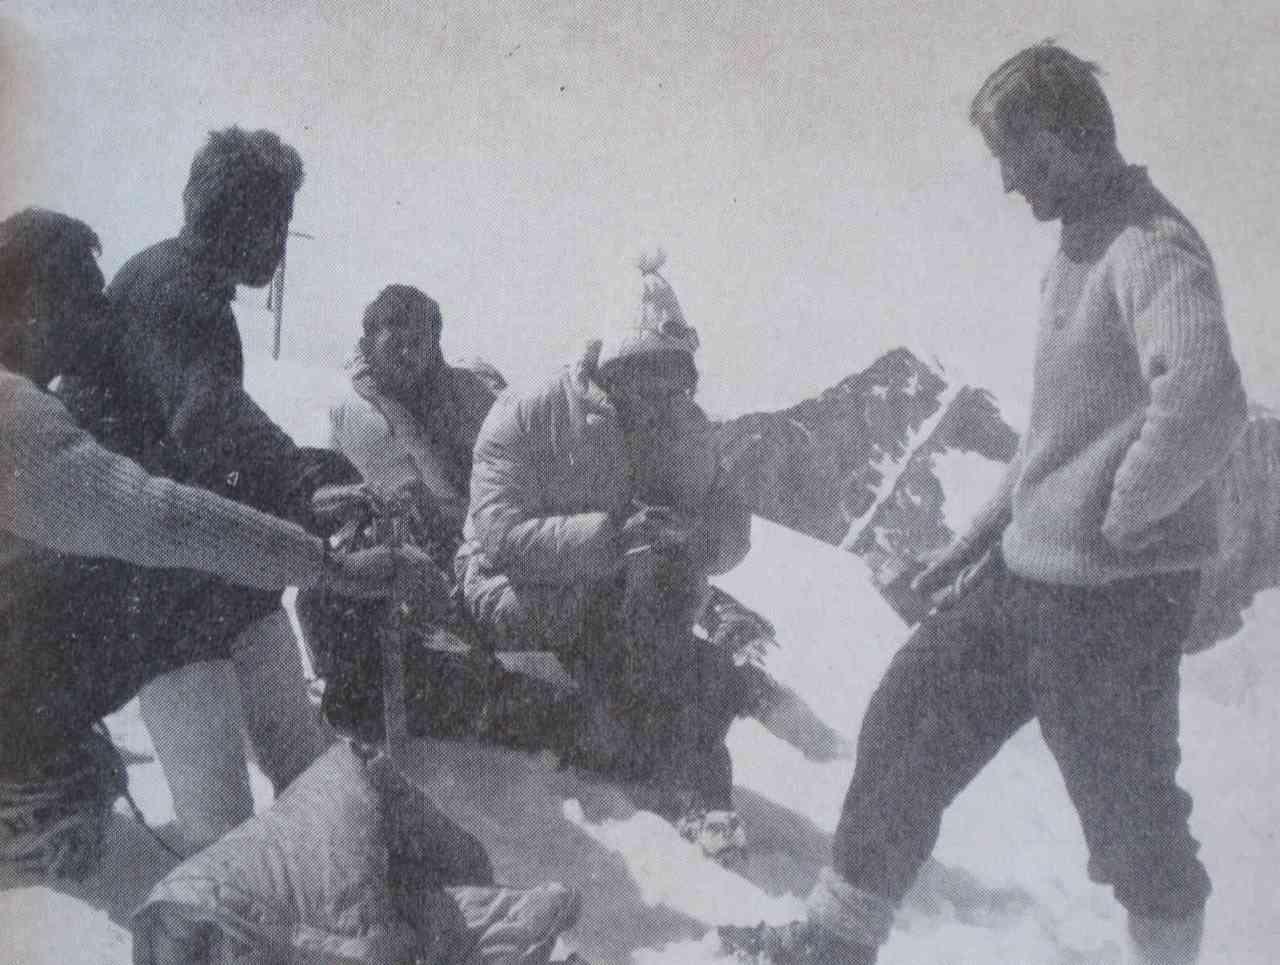 Mongolia 1969 – wyprawa Lubelskiego Koła Klubu Wysokogórskiego